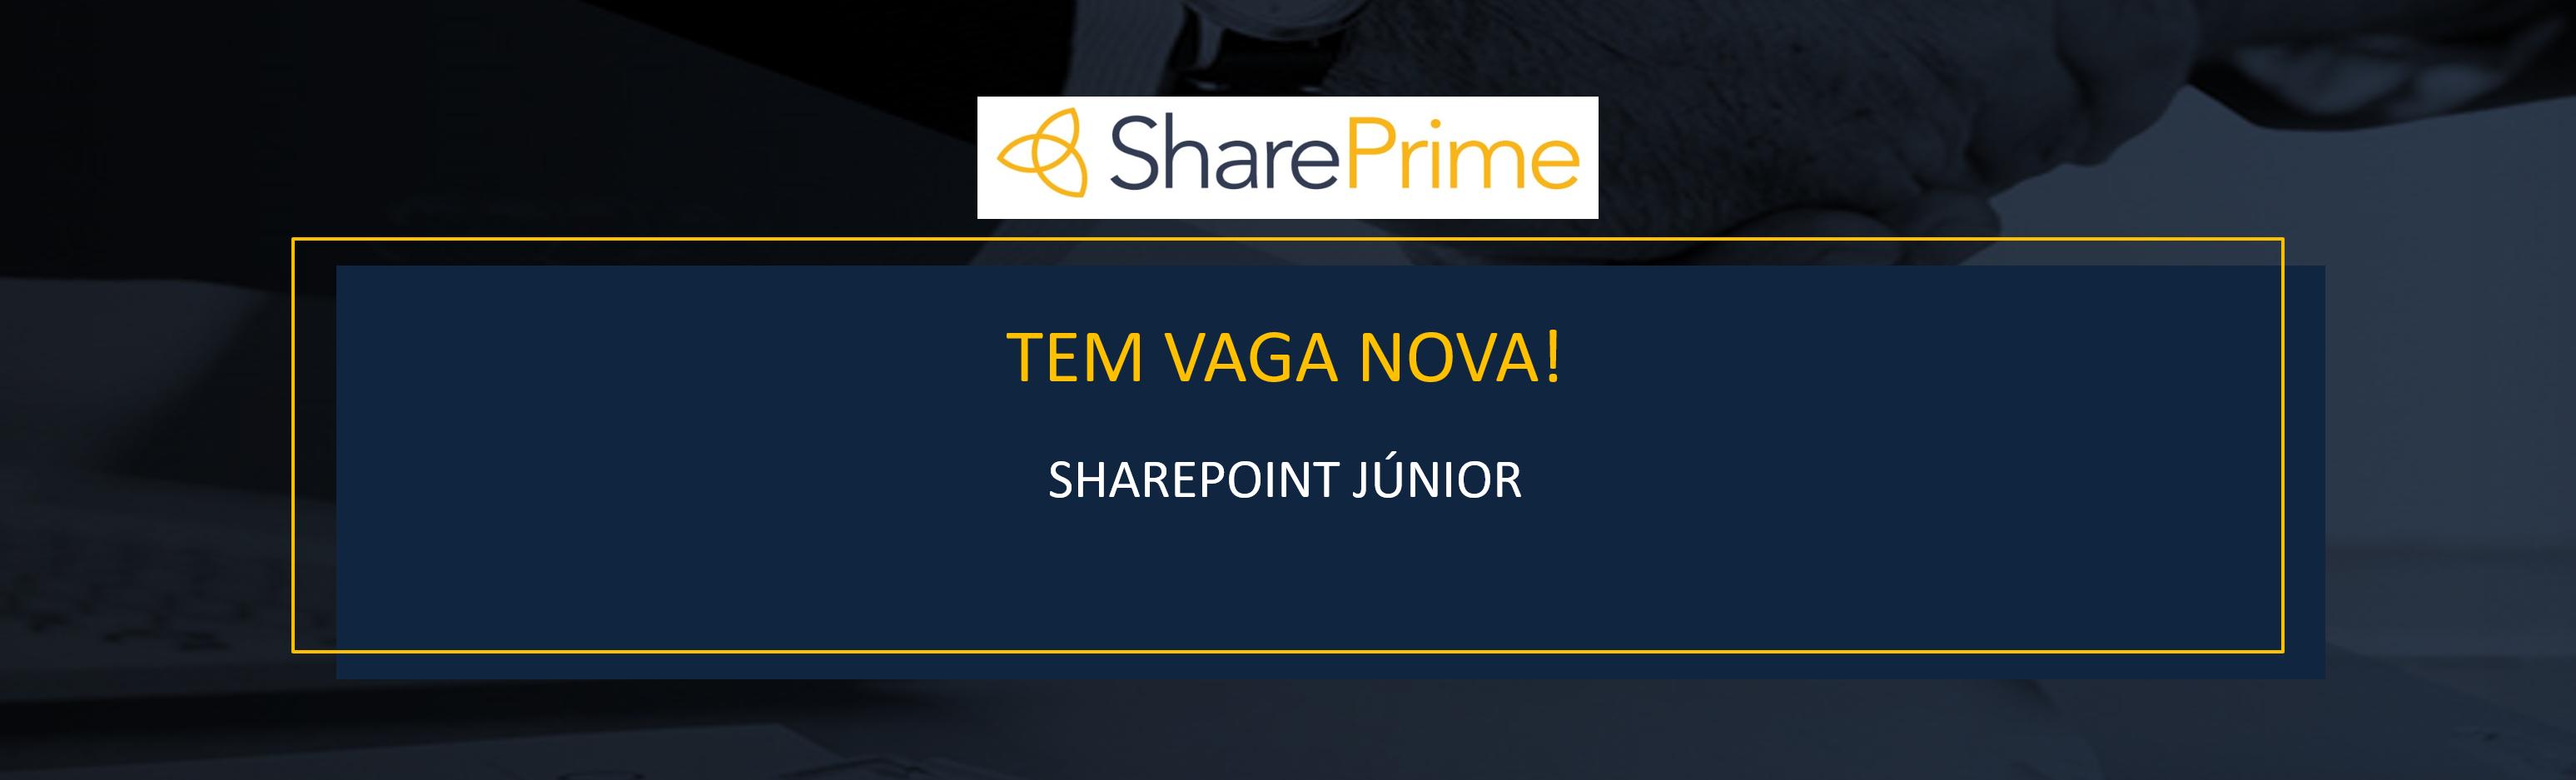 [SHAREPRIME] - Júnior- Programador SharePoint